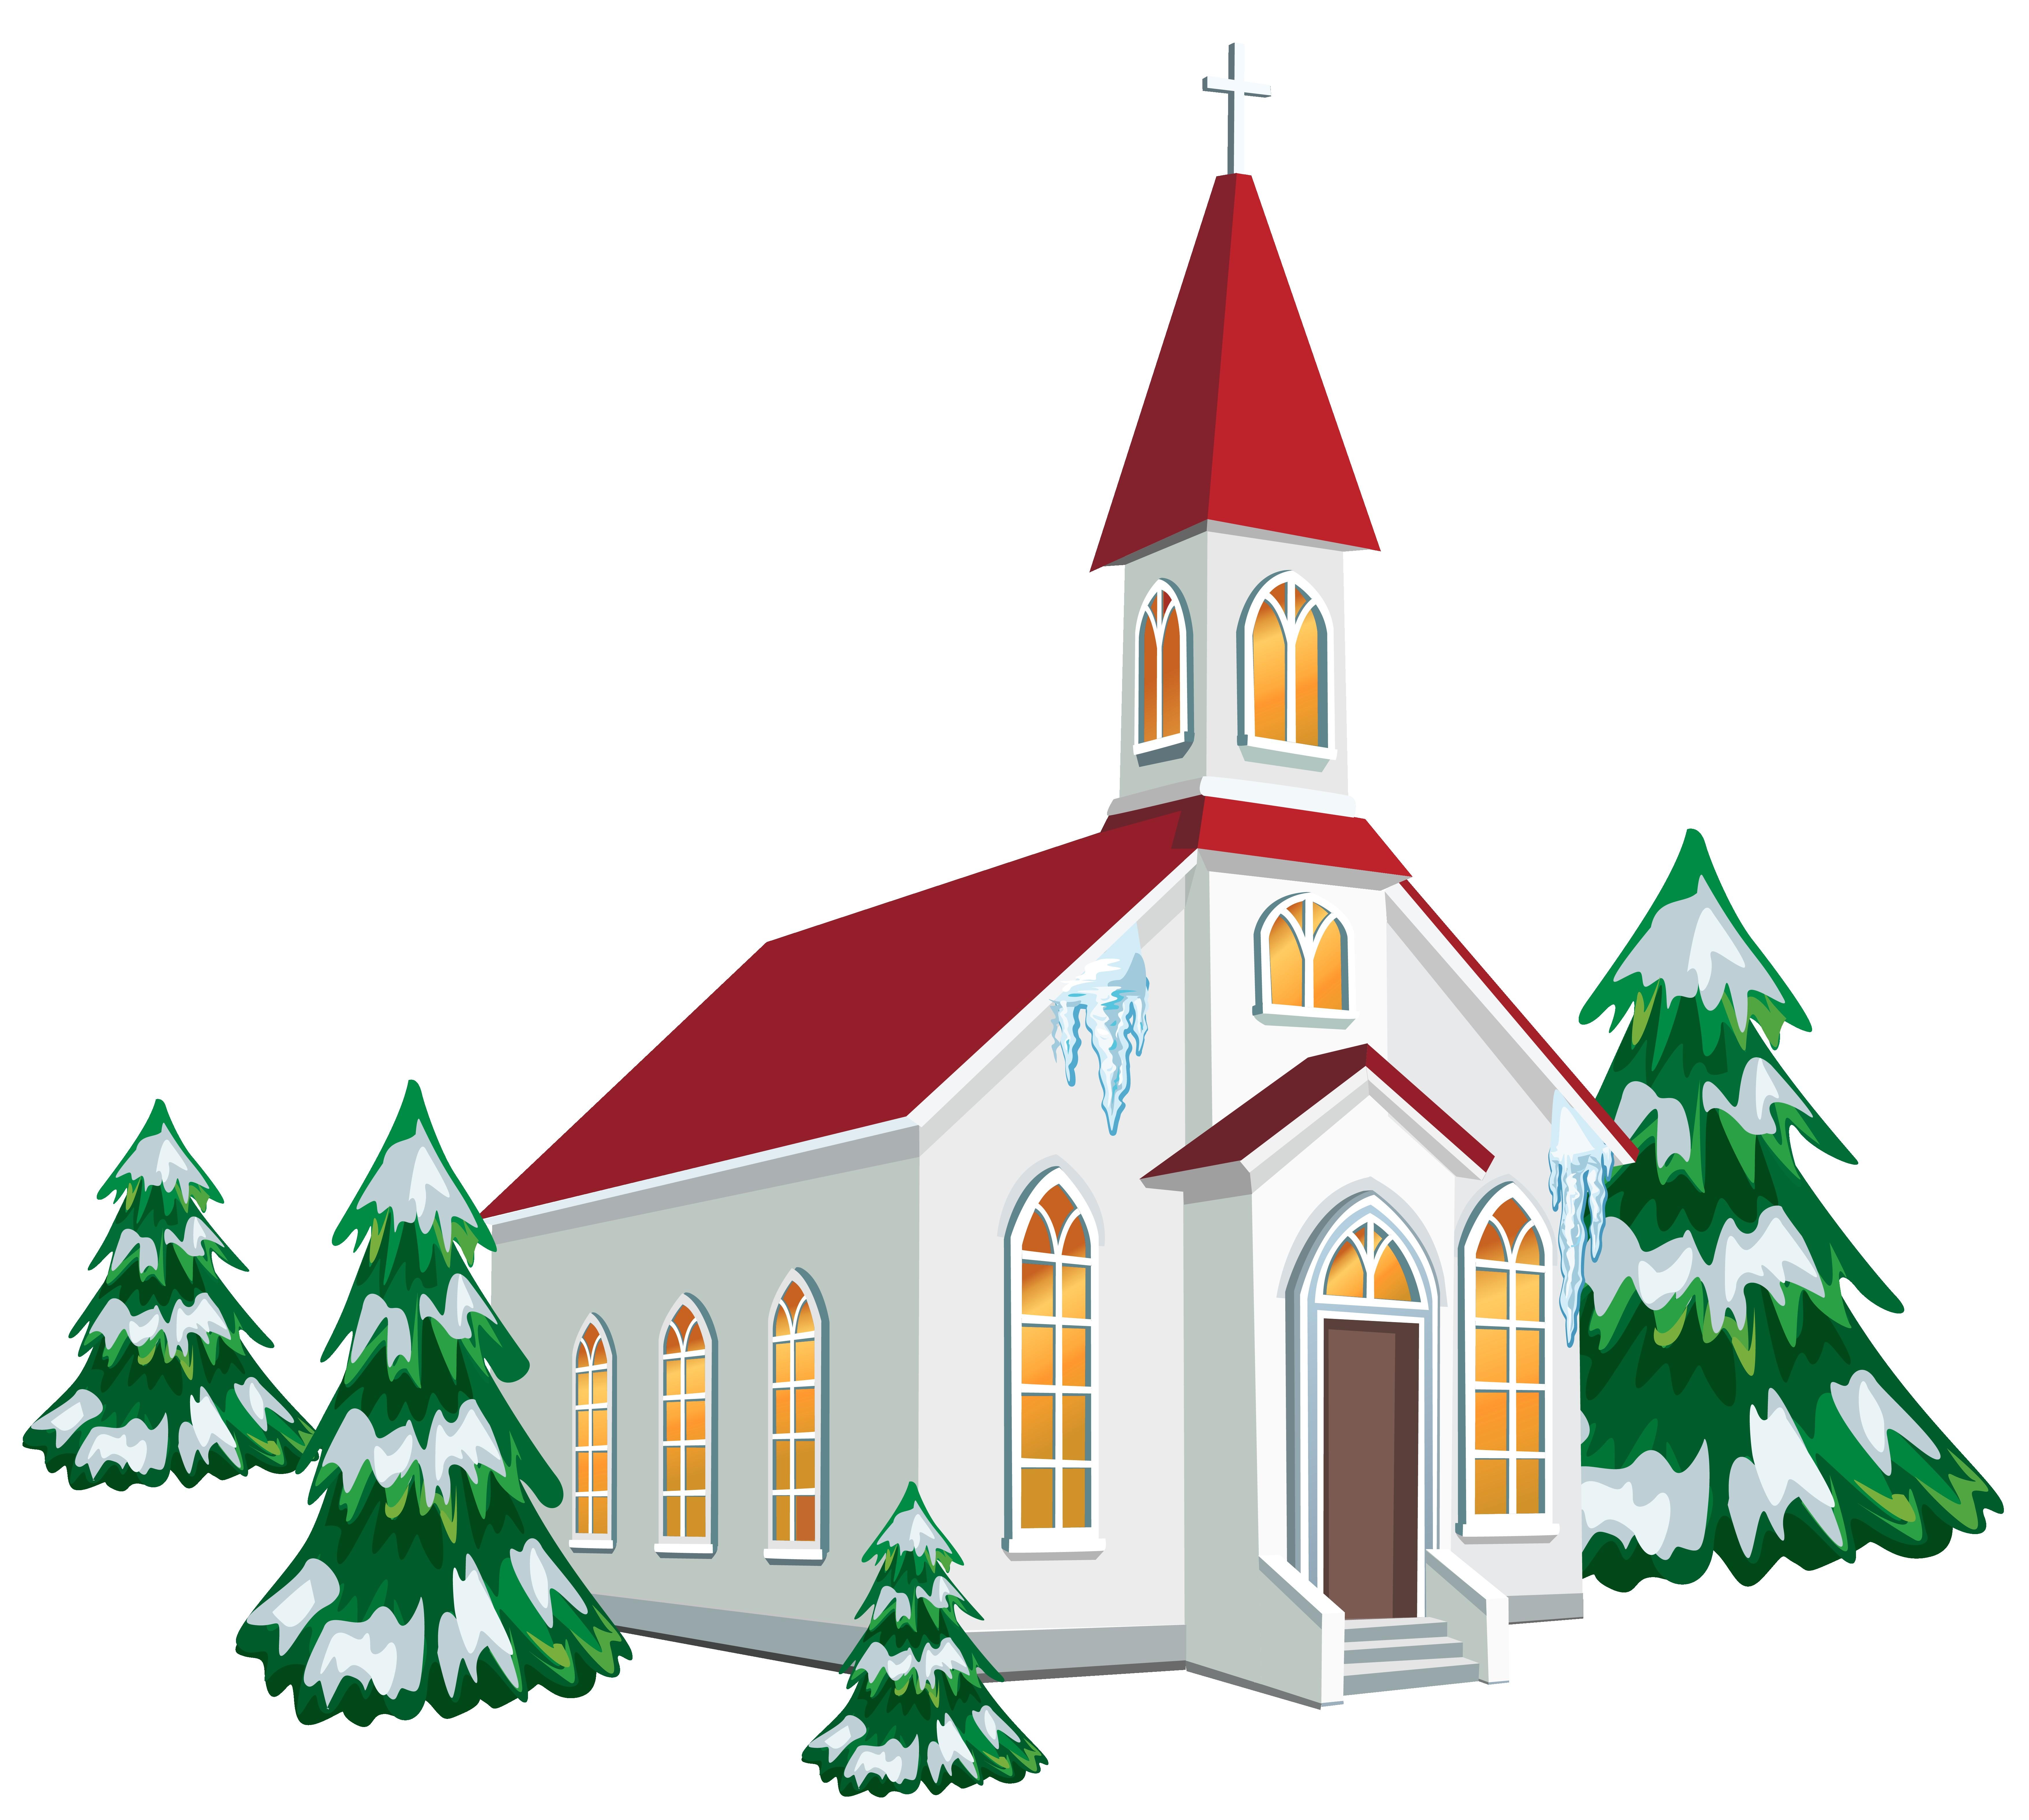 7025x6302 Christmas Winter Snow Scene Clip Art Free Clipart Fine